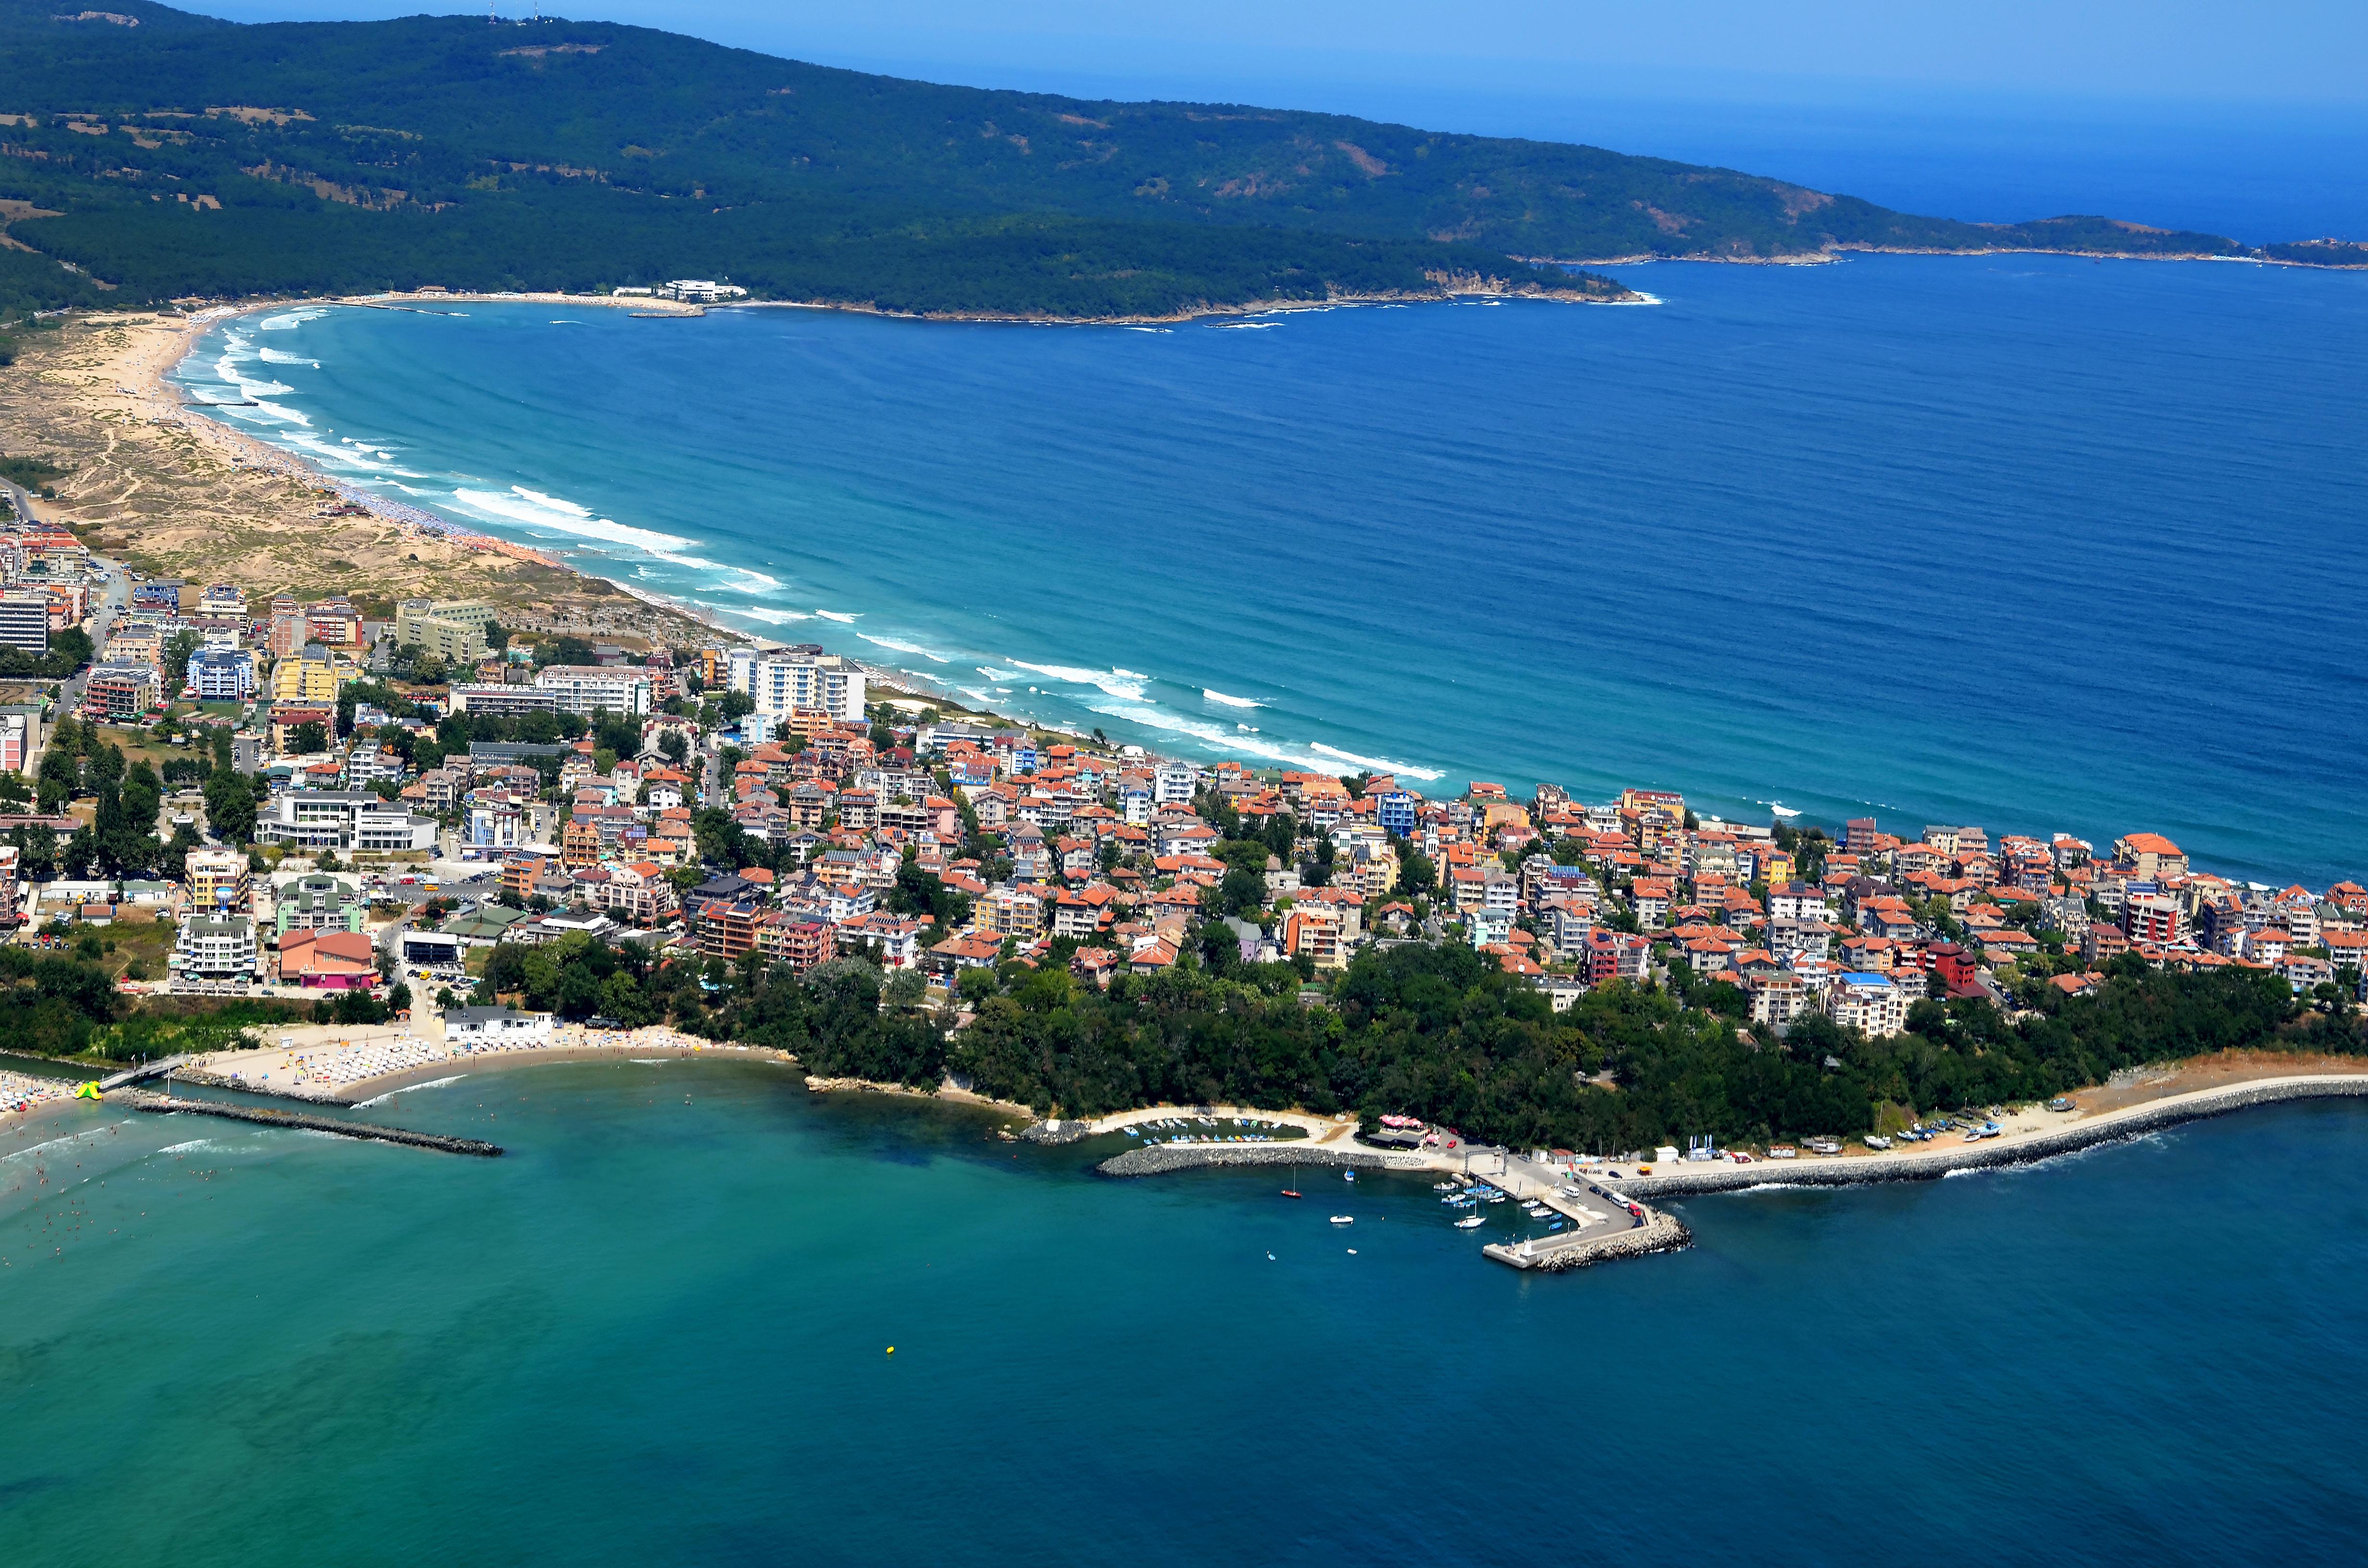 Приморско в Болгарии, ПМЖ которой могут получить иностранцы